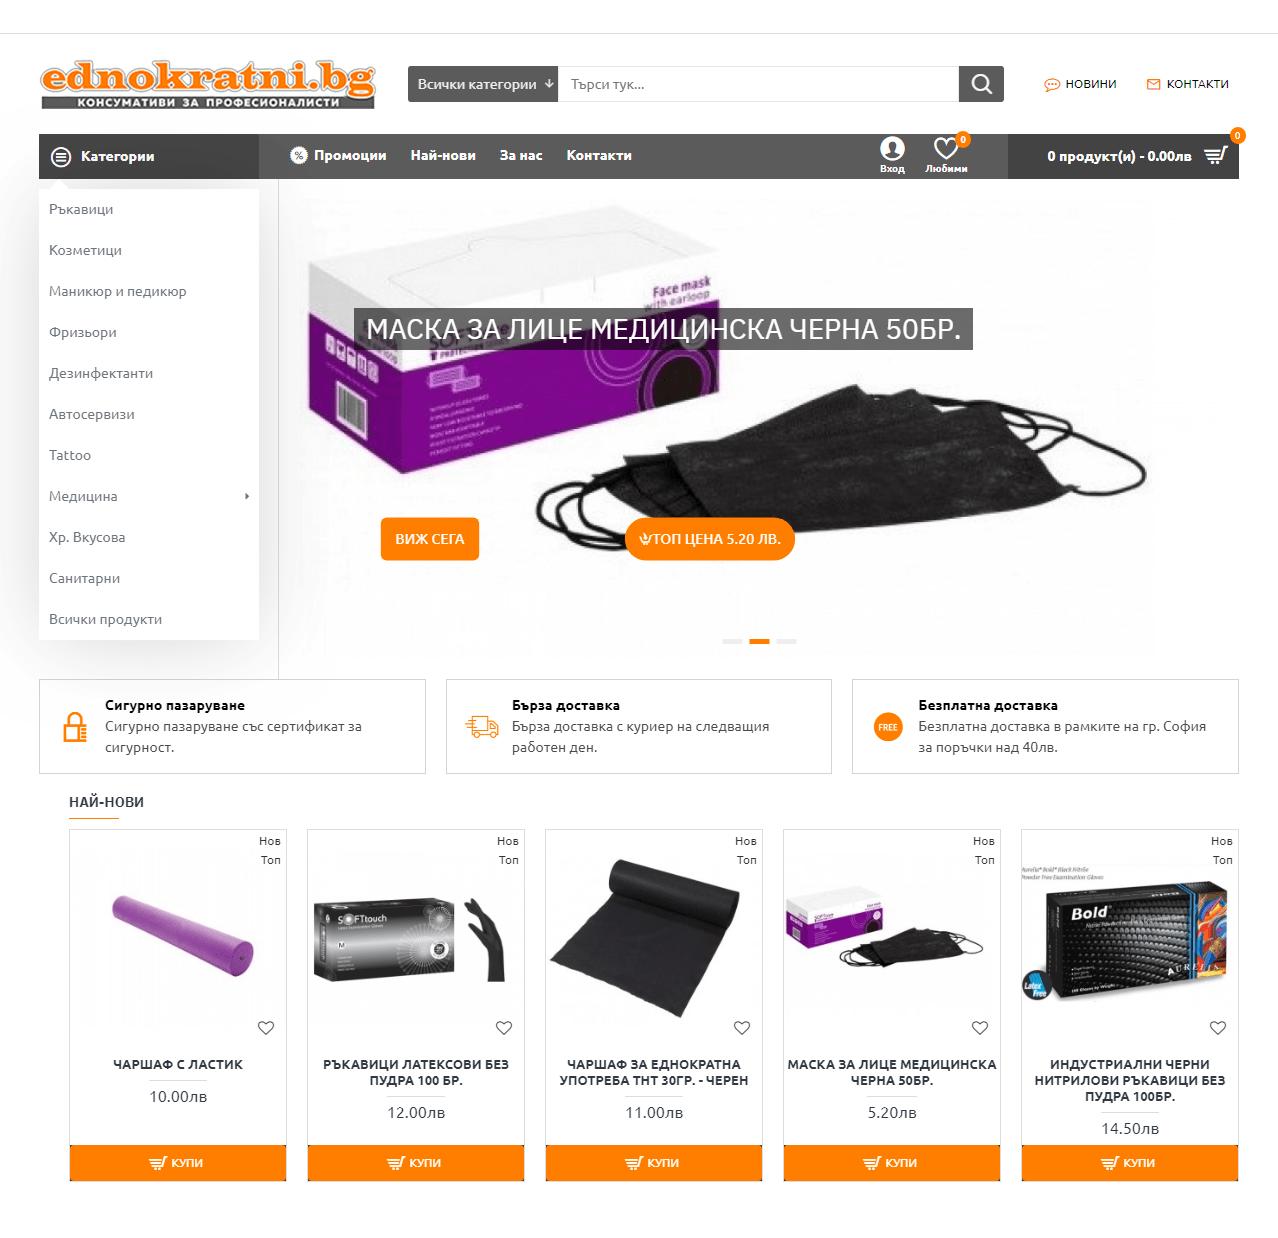 Ednokratni.bg - Уеб сайт за медицински консумативи и други стоки